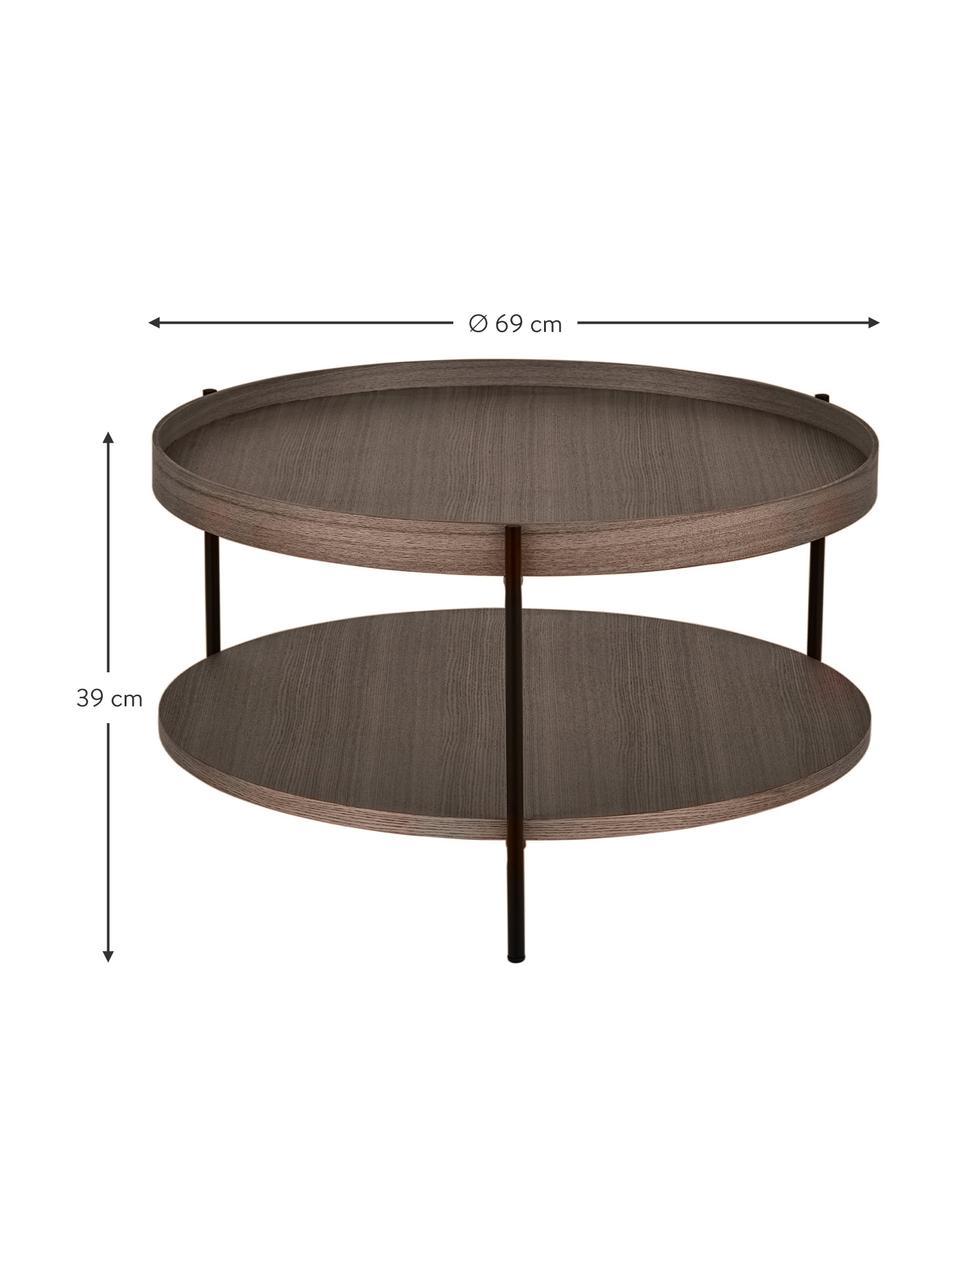 Tavolino da salotto con piano d'appoggio Renee, Ripiani: pannello di fibra a media, Struttura: metallo verniciato a polv, Legno di noce, Ø 69 x Alt. 39 cm